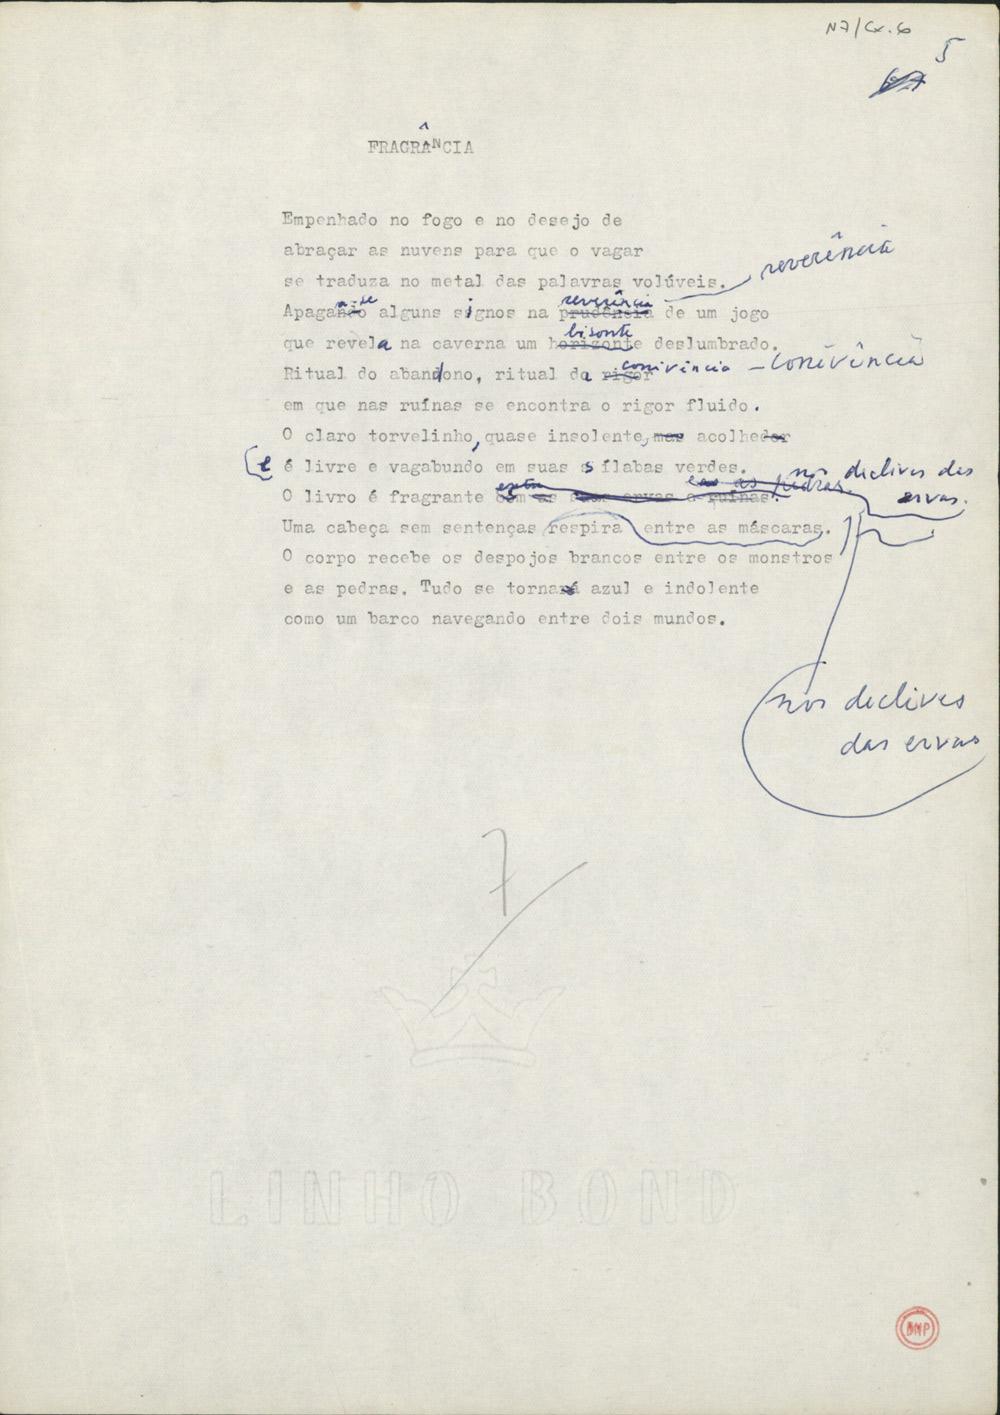 """Dactiloscrito, com correcções manuscritas, do terceiro poema do livro Facilidade do Ar  (1990). As principais correcções aqui feitas à mão parecem ter sido todas adoptadas na versão publicada, incluindo a curiosa troca de """"horizonte"""" por """"bisonte"""", no quinto verso."""